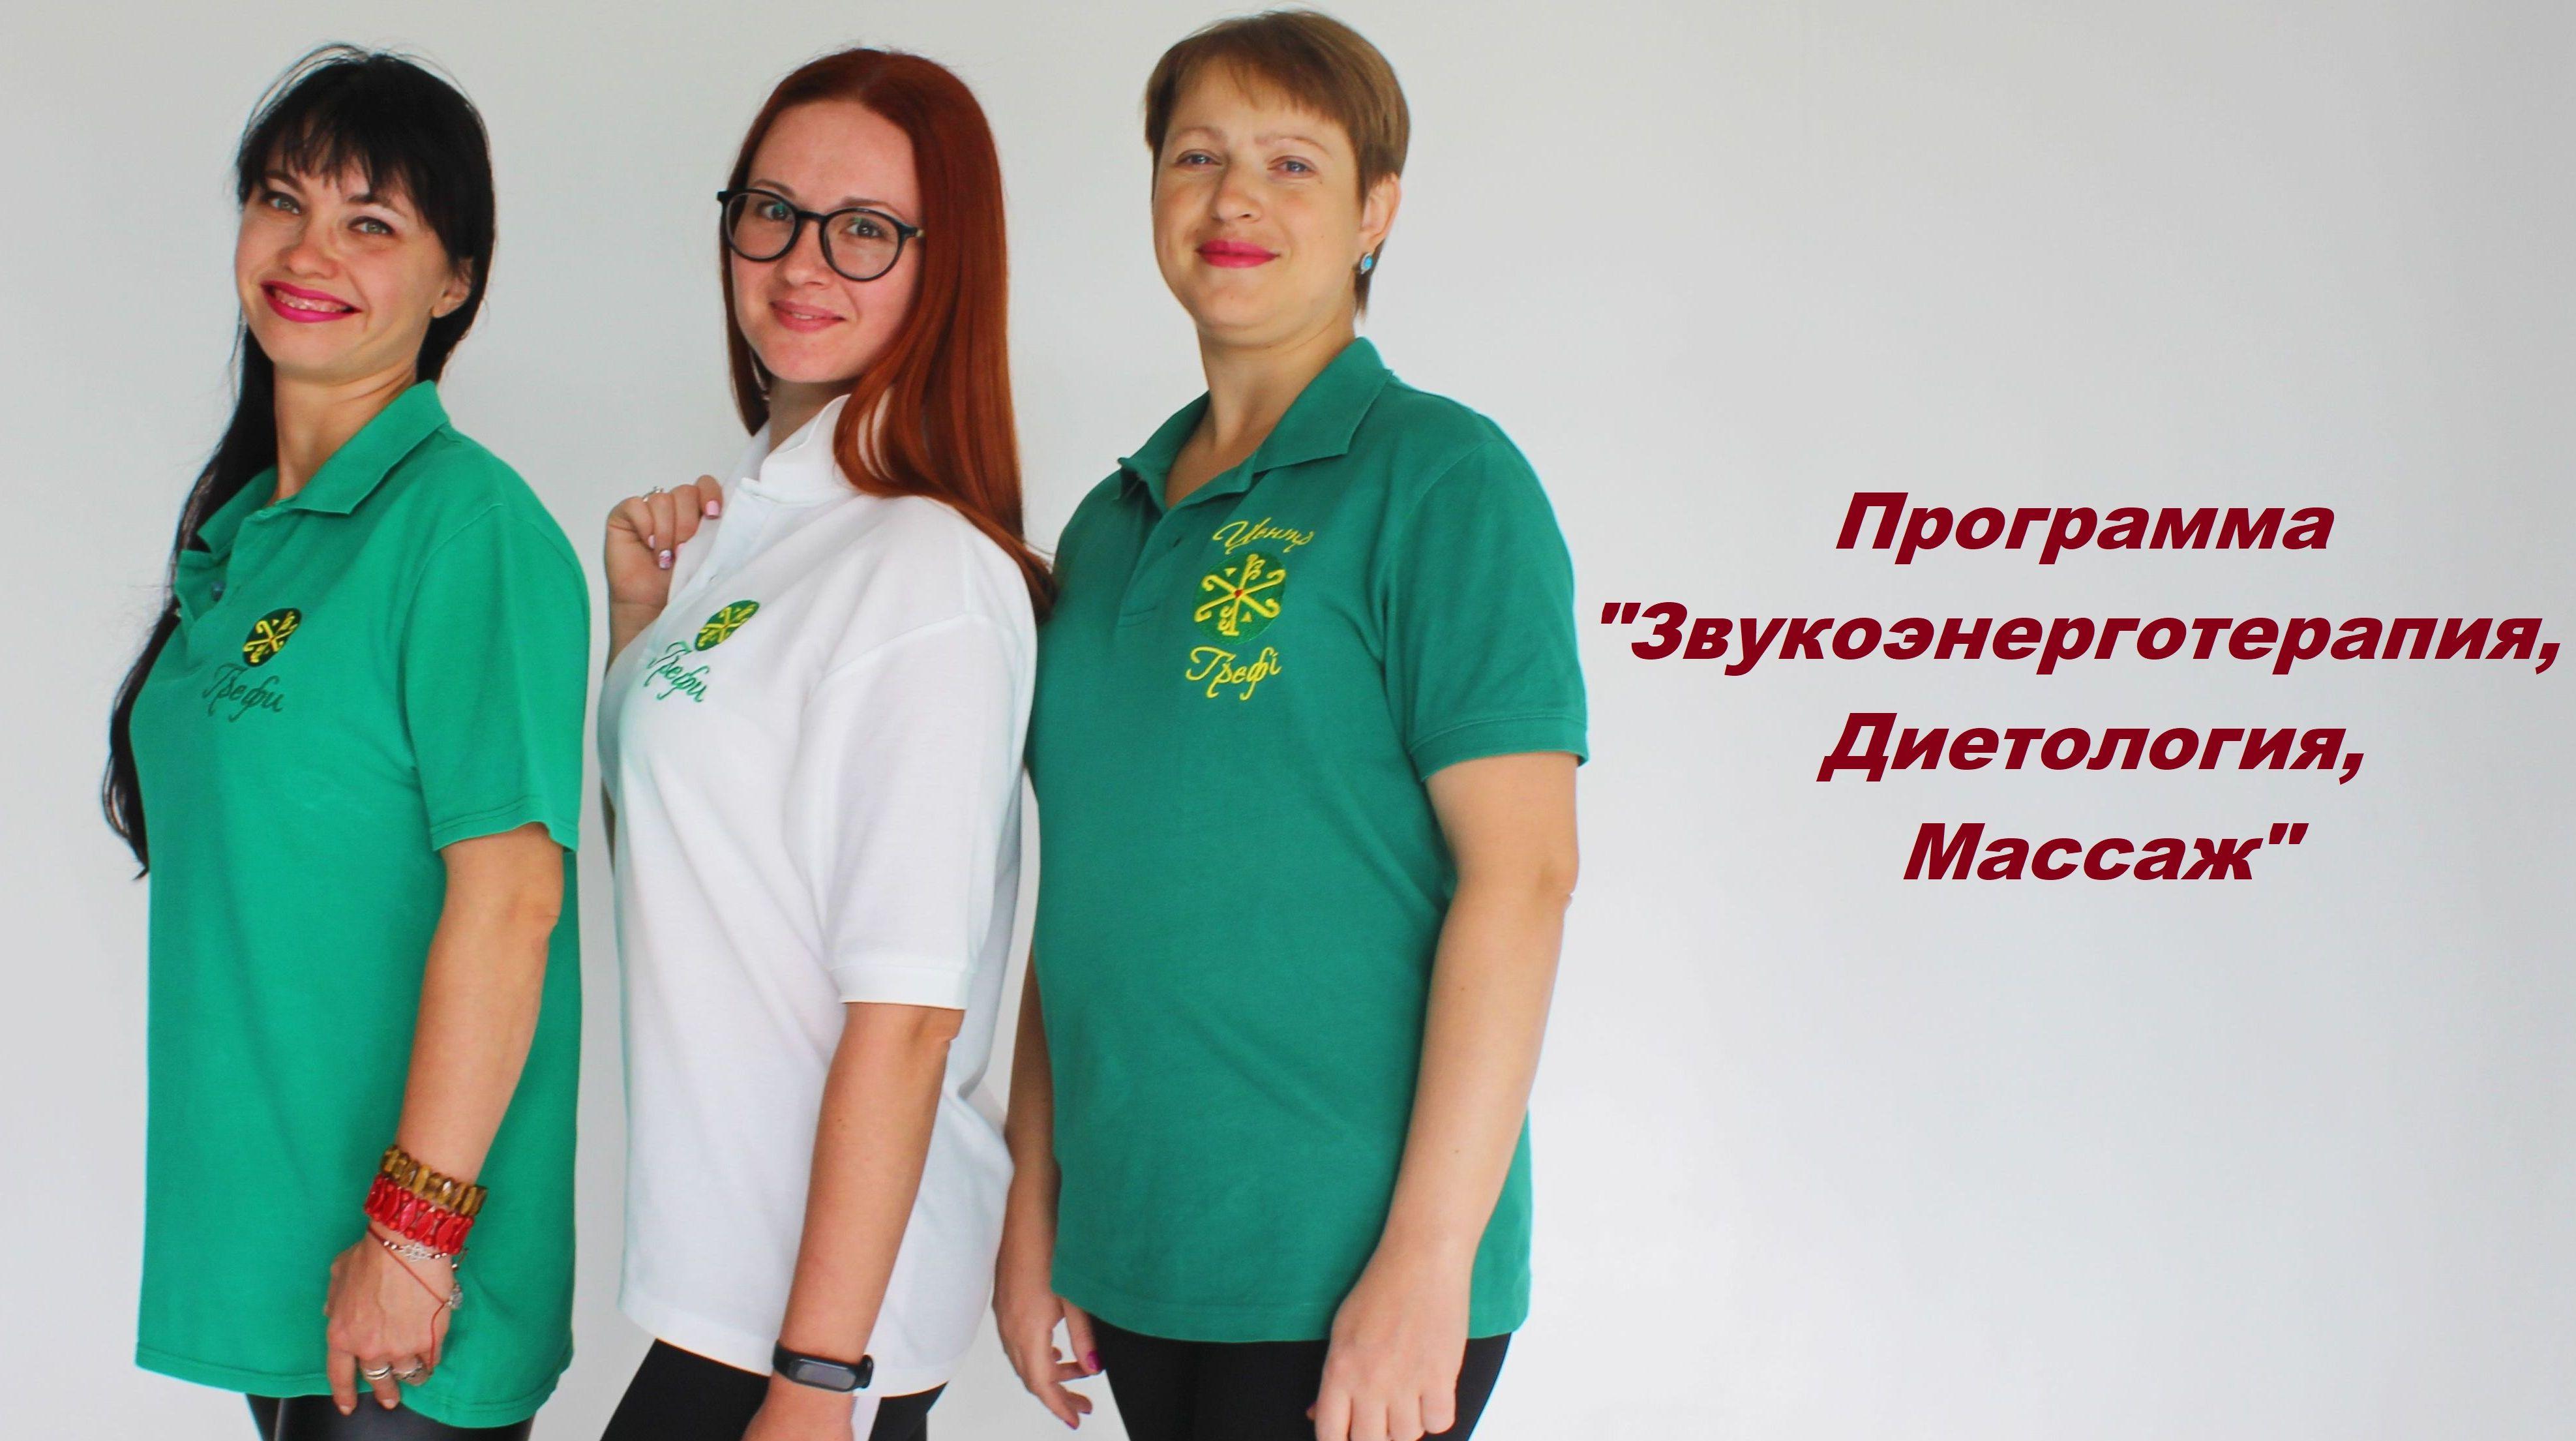 Центр Грефи Запорожье звукотерапия диетолог массаж